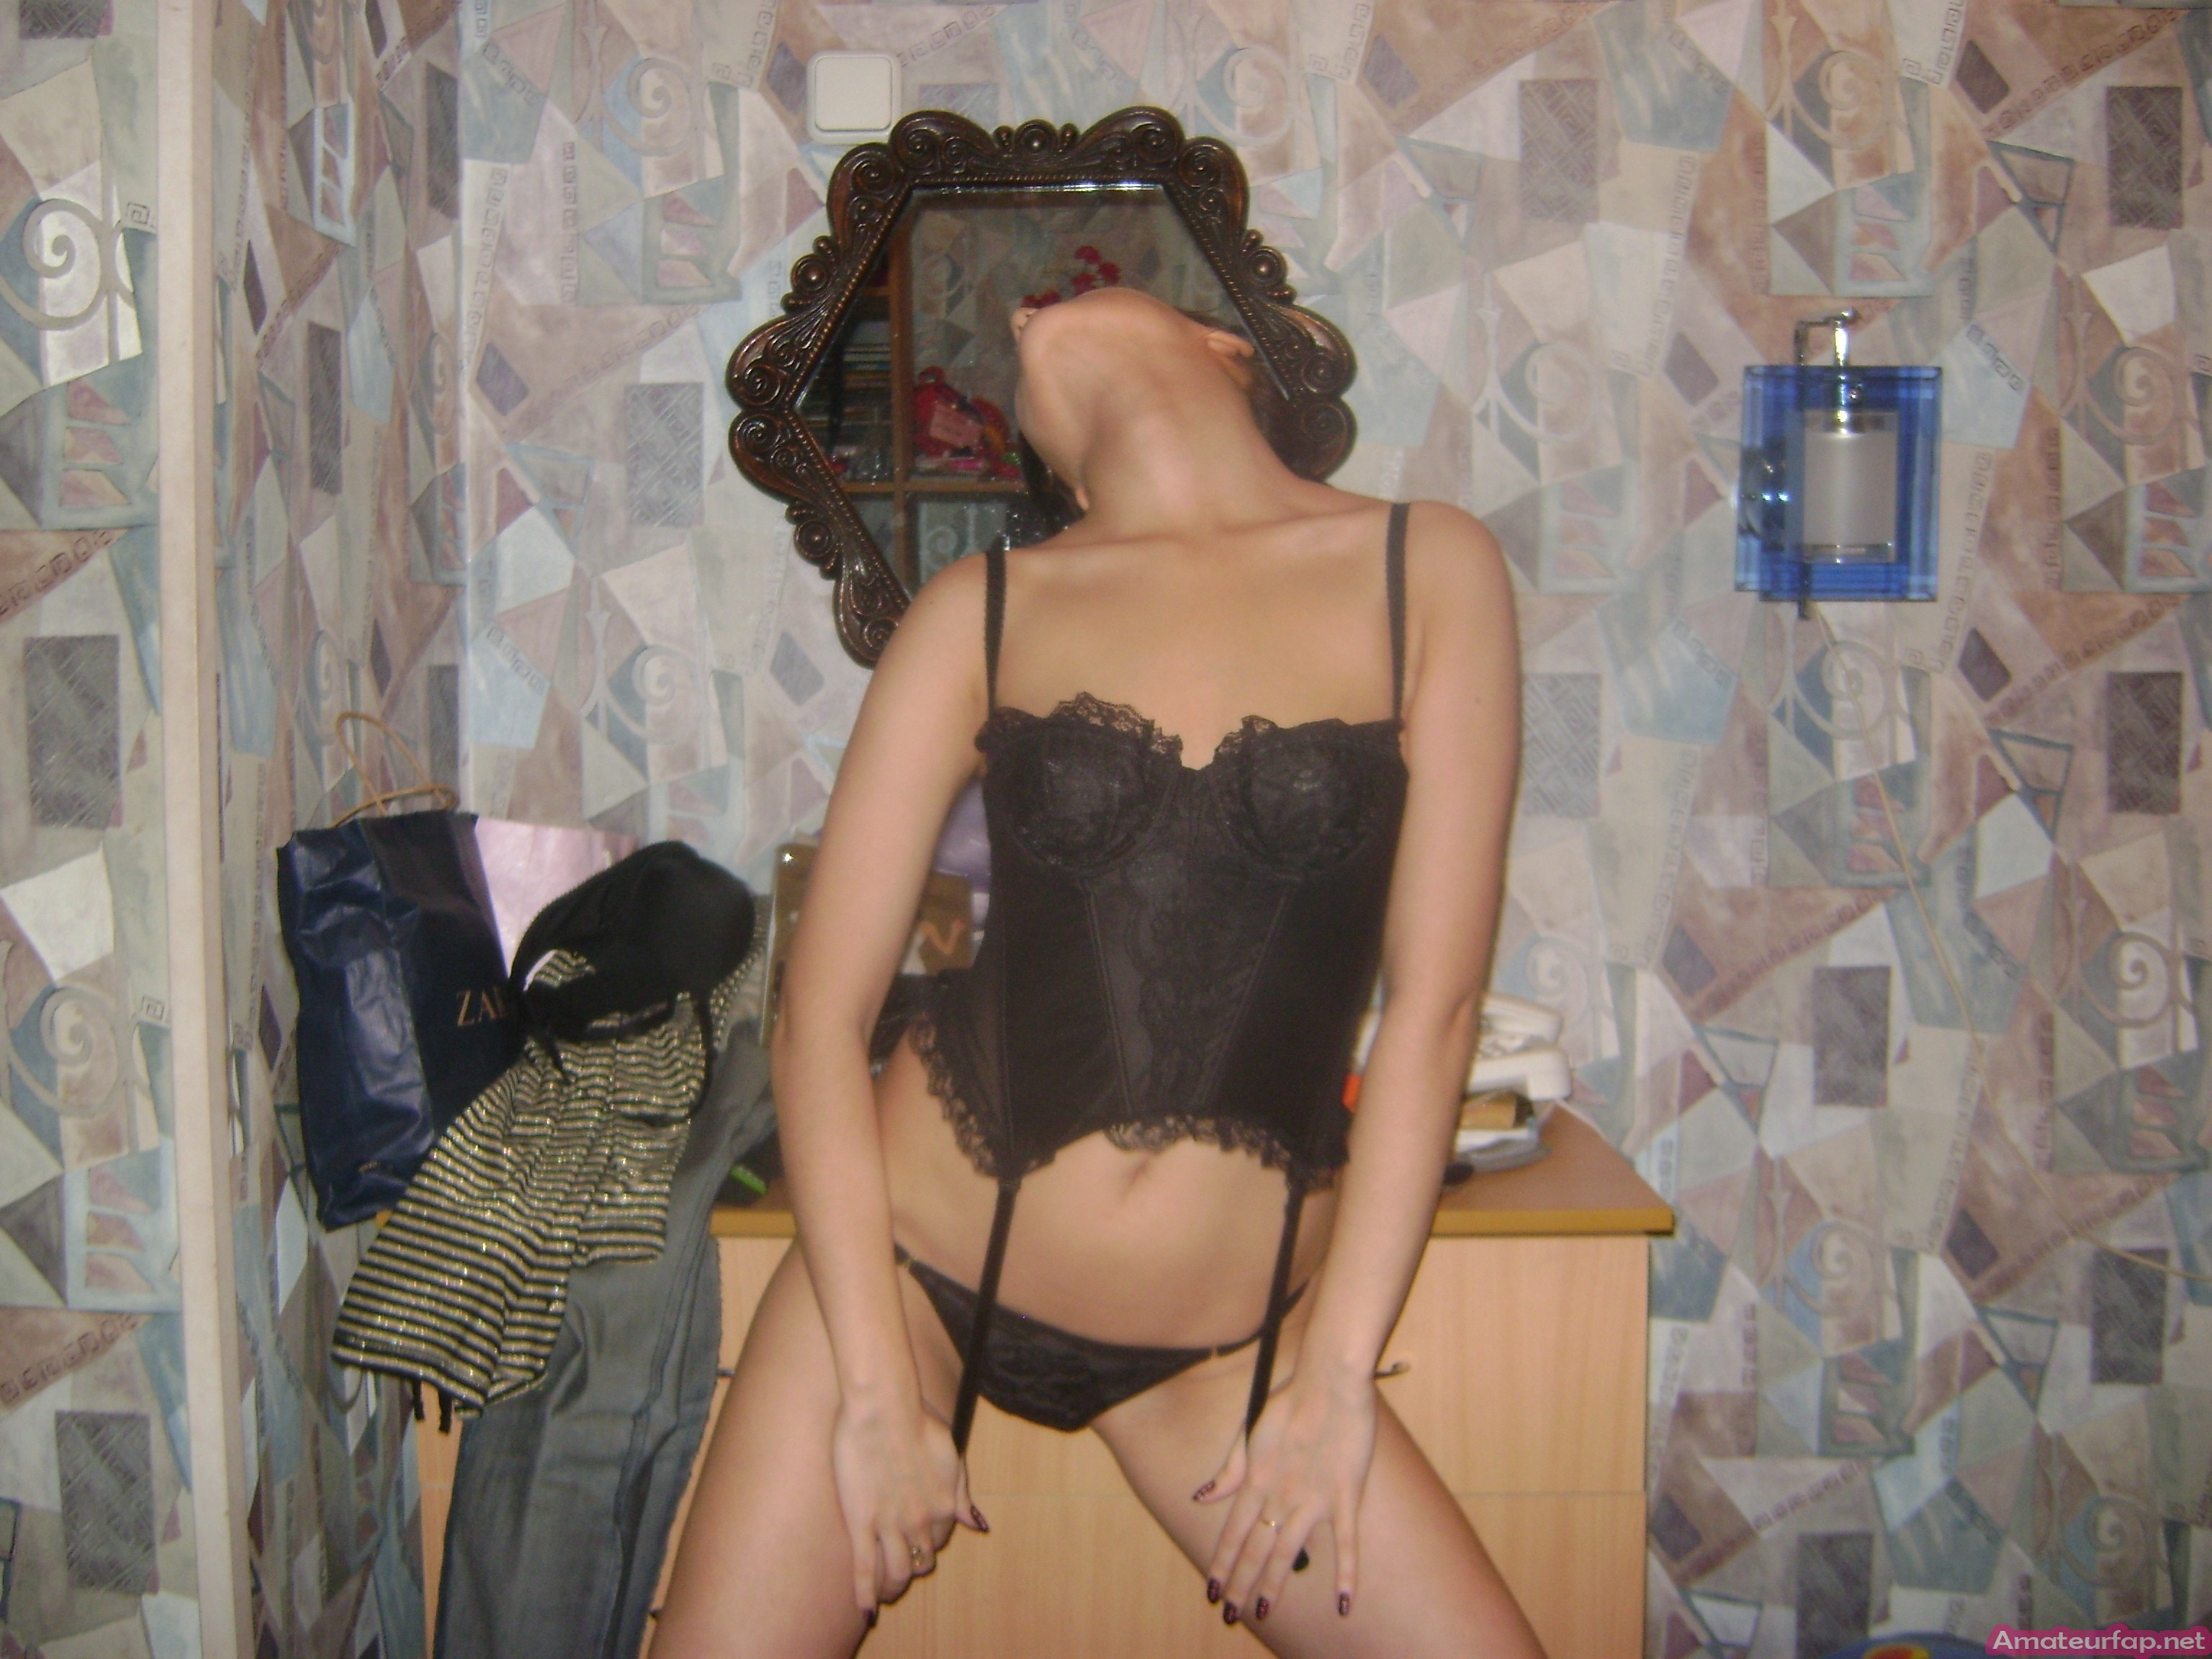 Смотреть модель с темными волосами возбуждающе онлайн